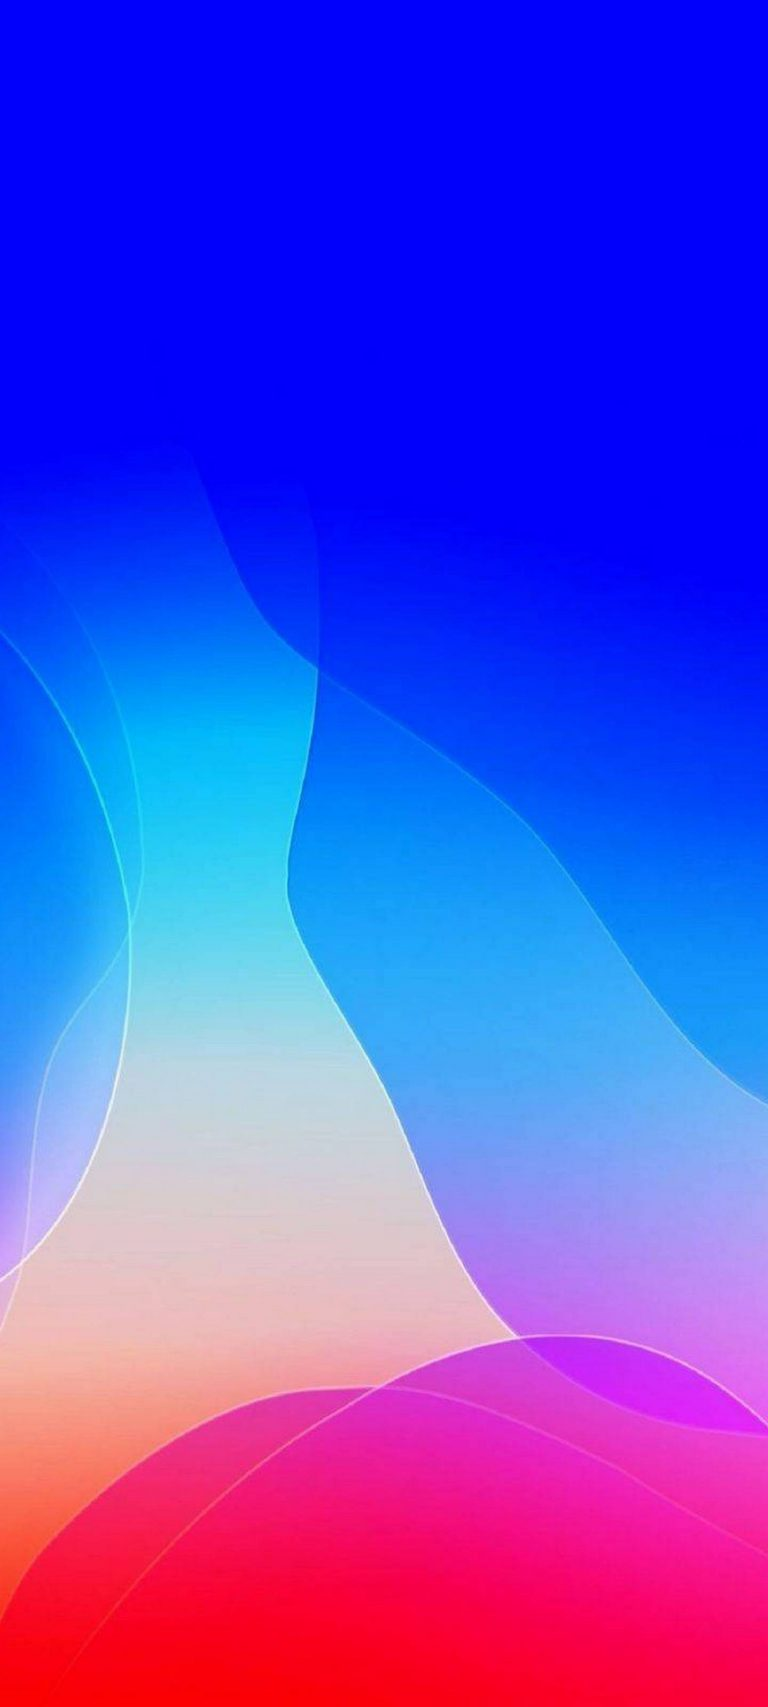 1440x3200 HD Wallpaper 174 768x1707 - 1440x3200 HD Wallpaper - 174